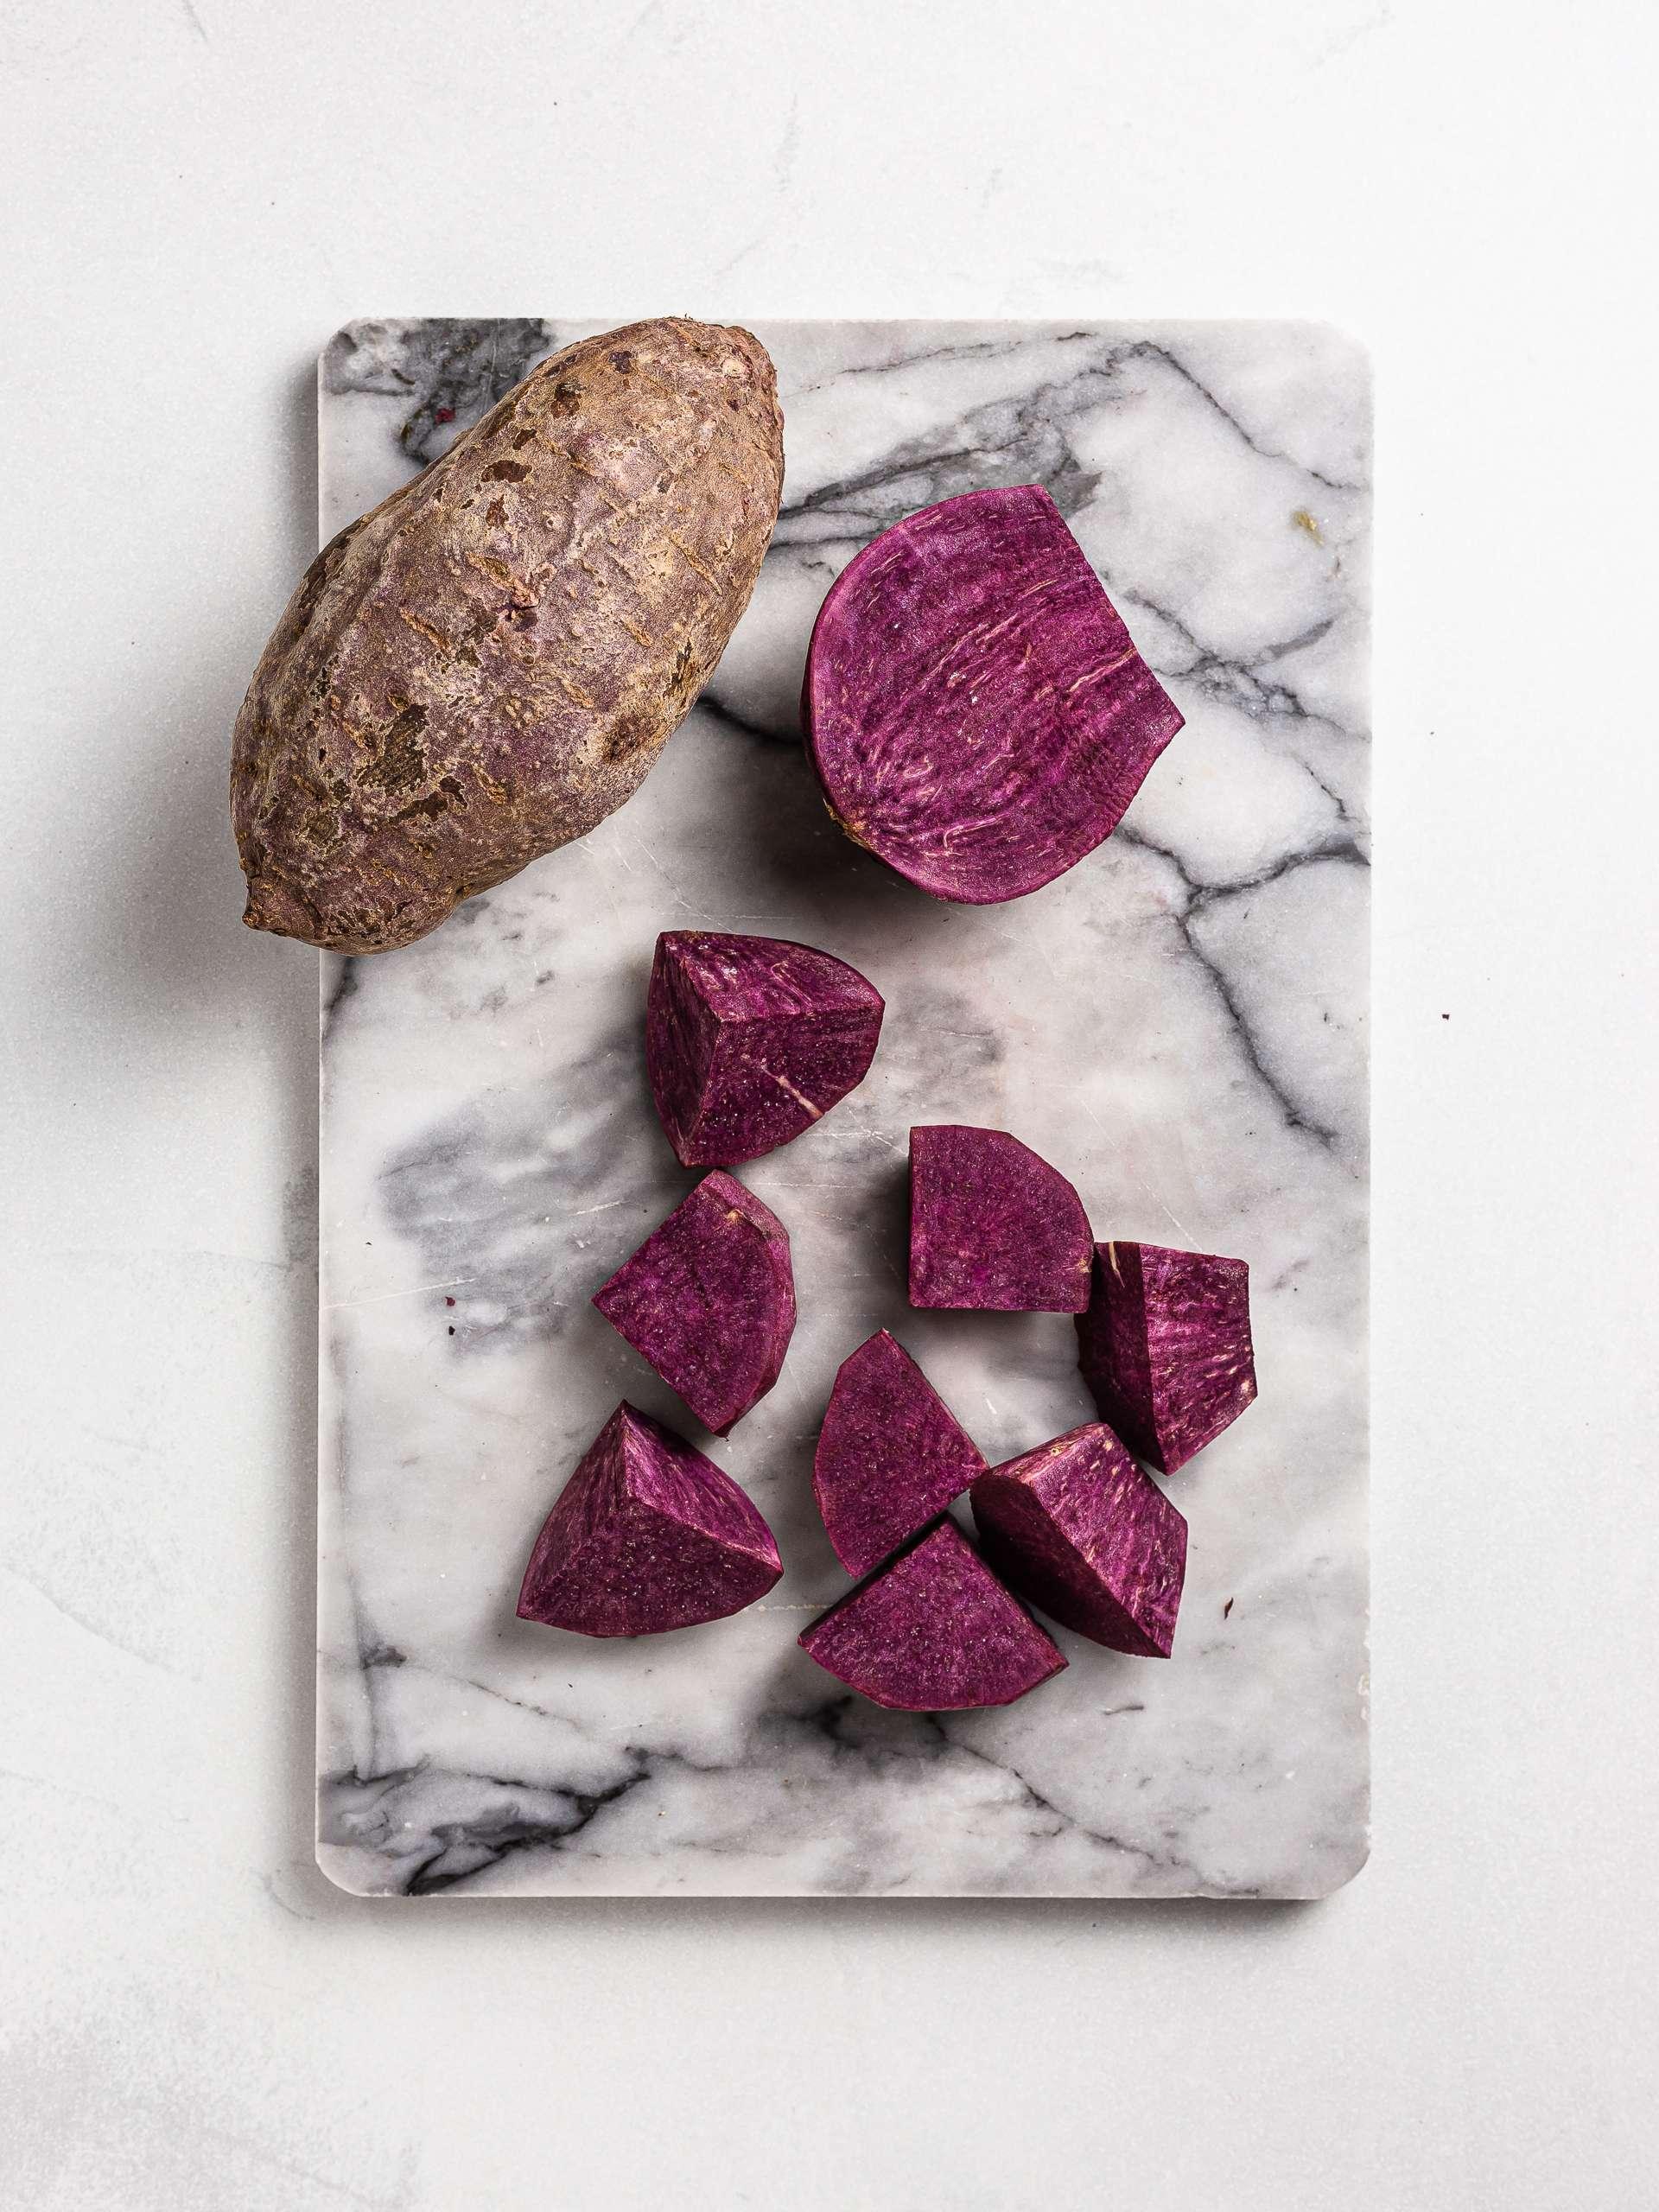 chopped ube purple yam